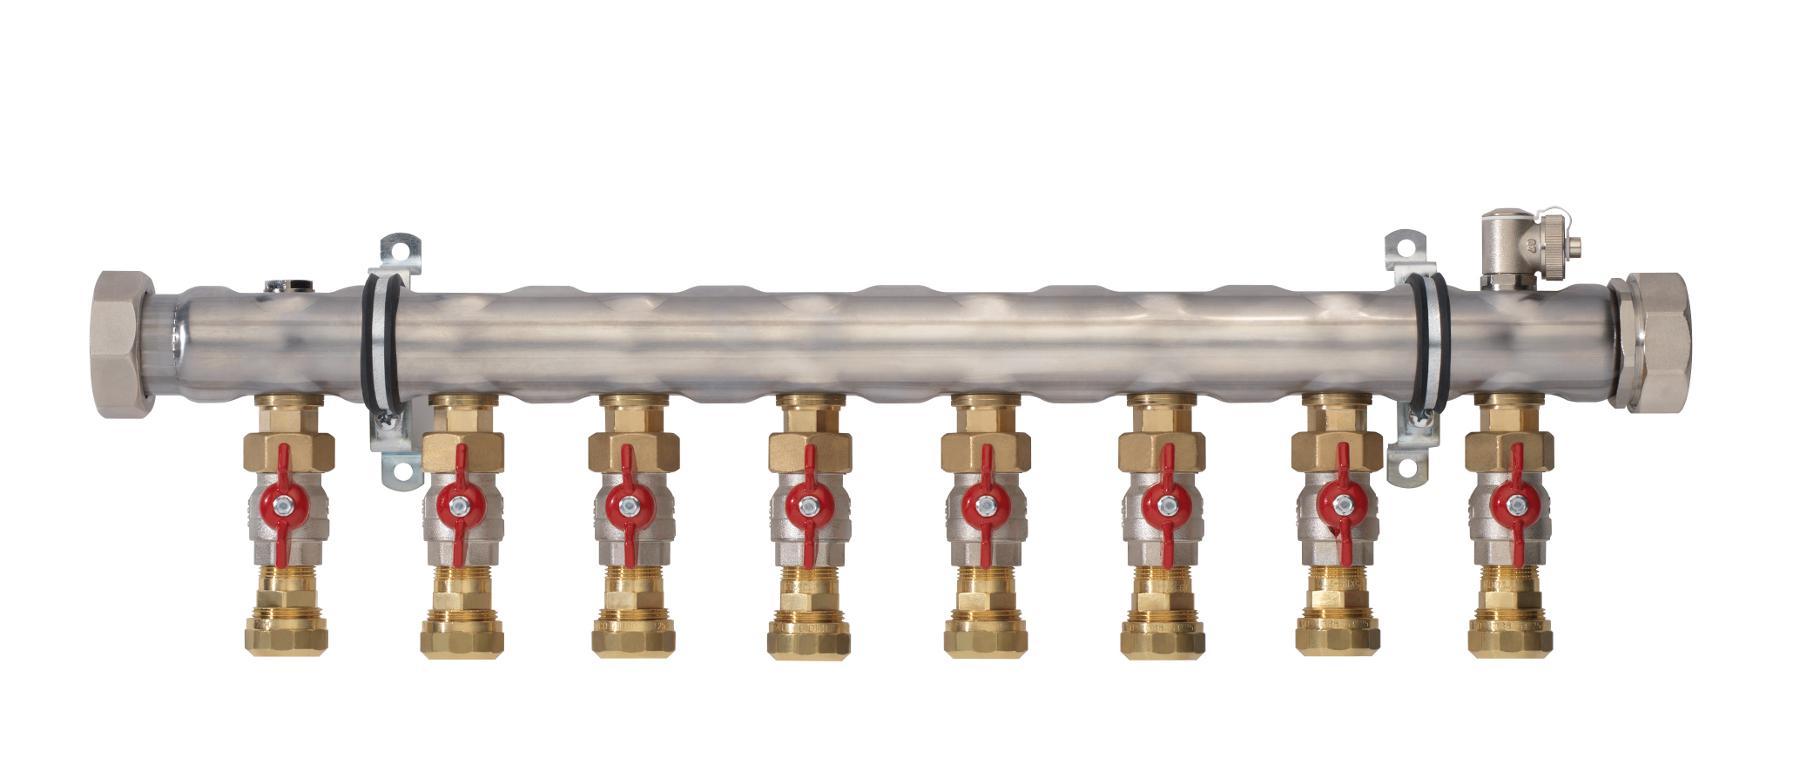 Промышленный коллектор с регулирующими вентилями на 9 контуров